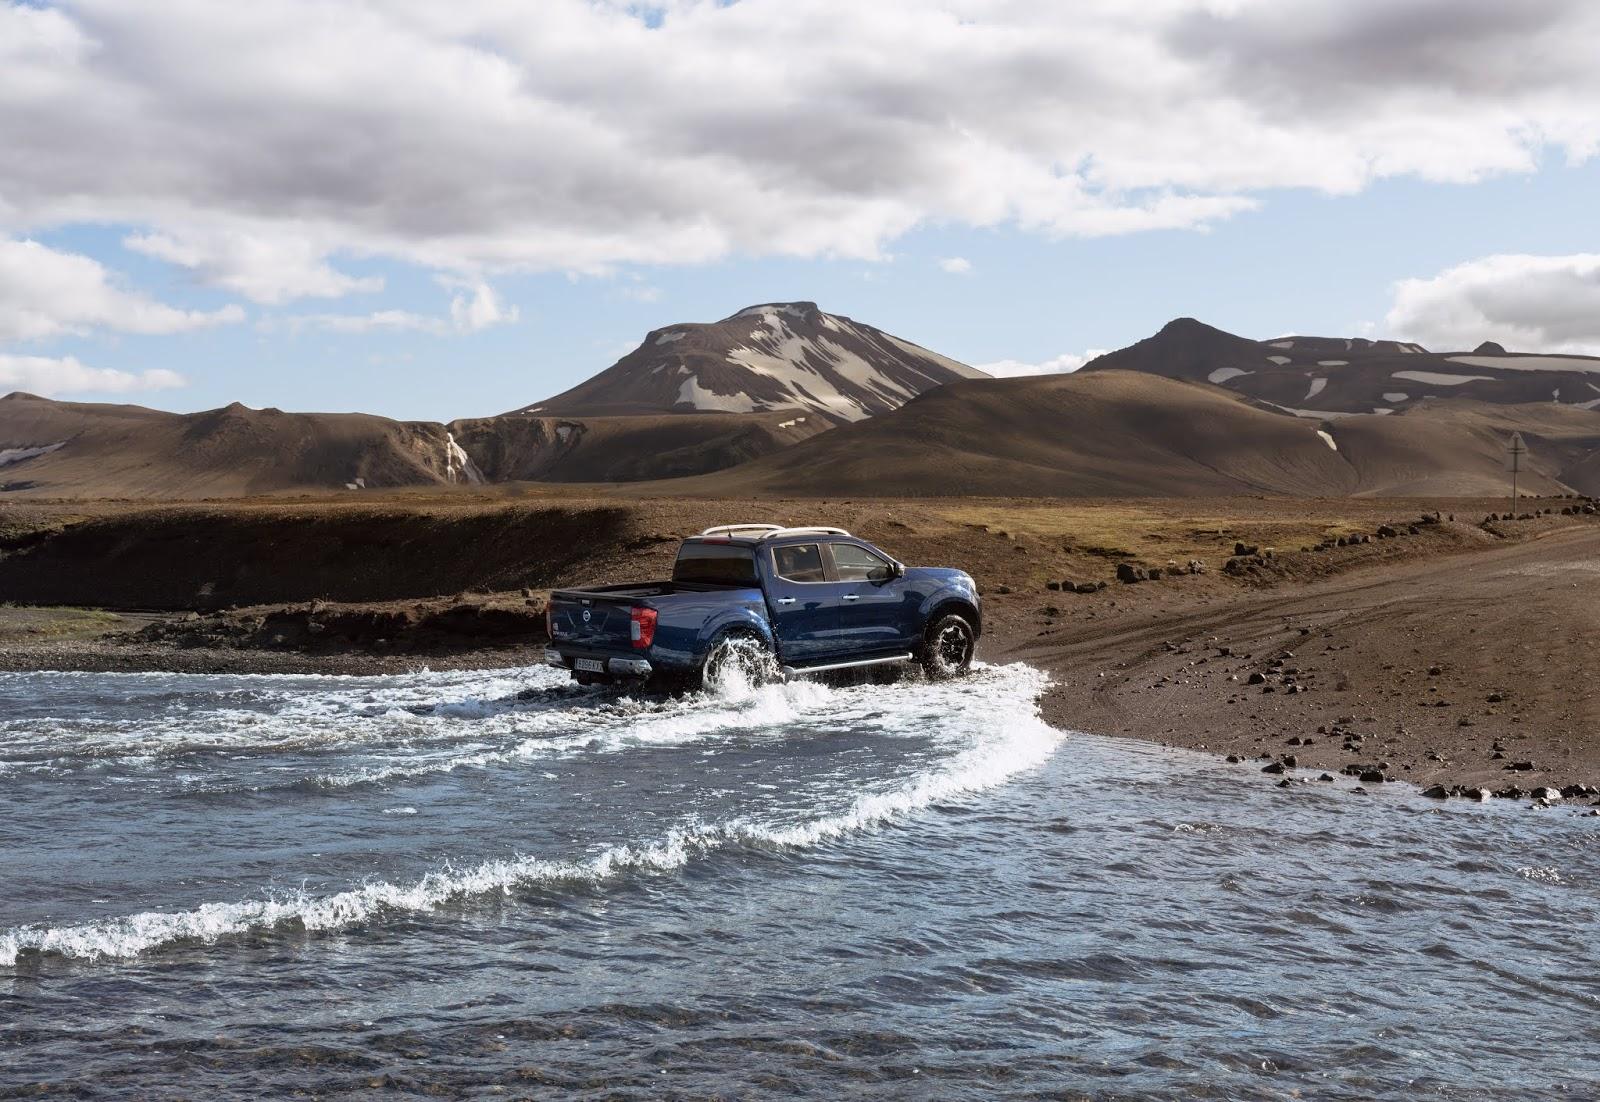 Nissan2BNavara2BDouble2BCab Blue Iceland Dynamic2BOffroad2B12